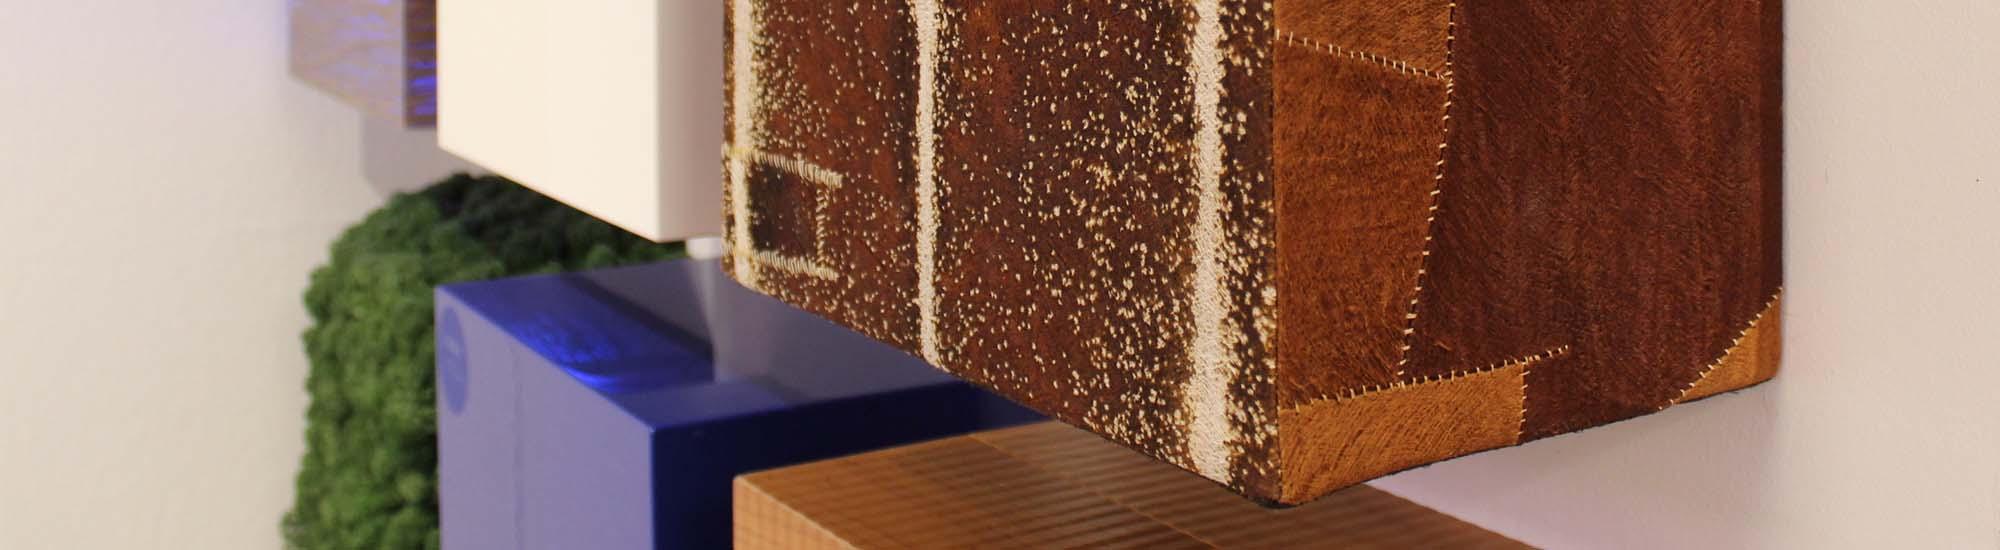 MSM Vakuumpressen Verleimung Leder Schichtstoff Holz